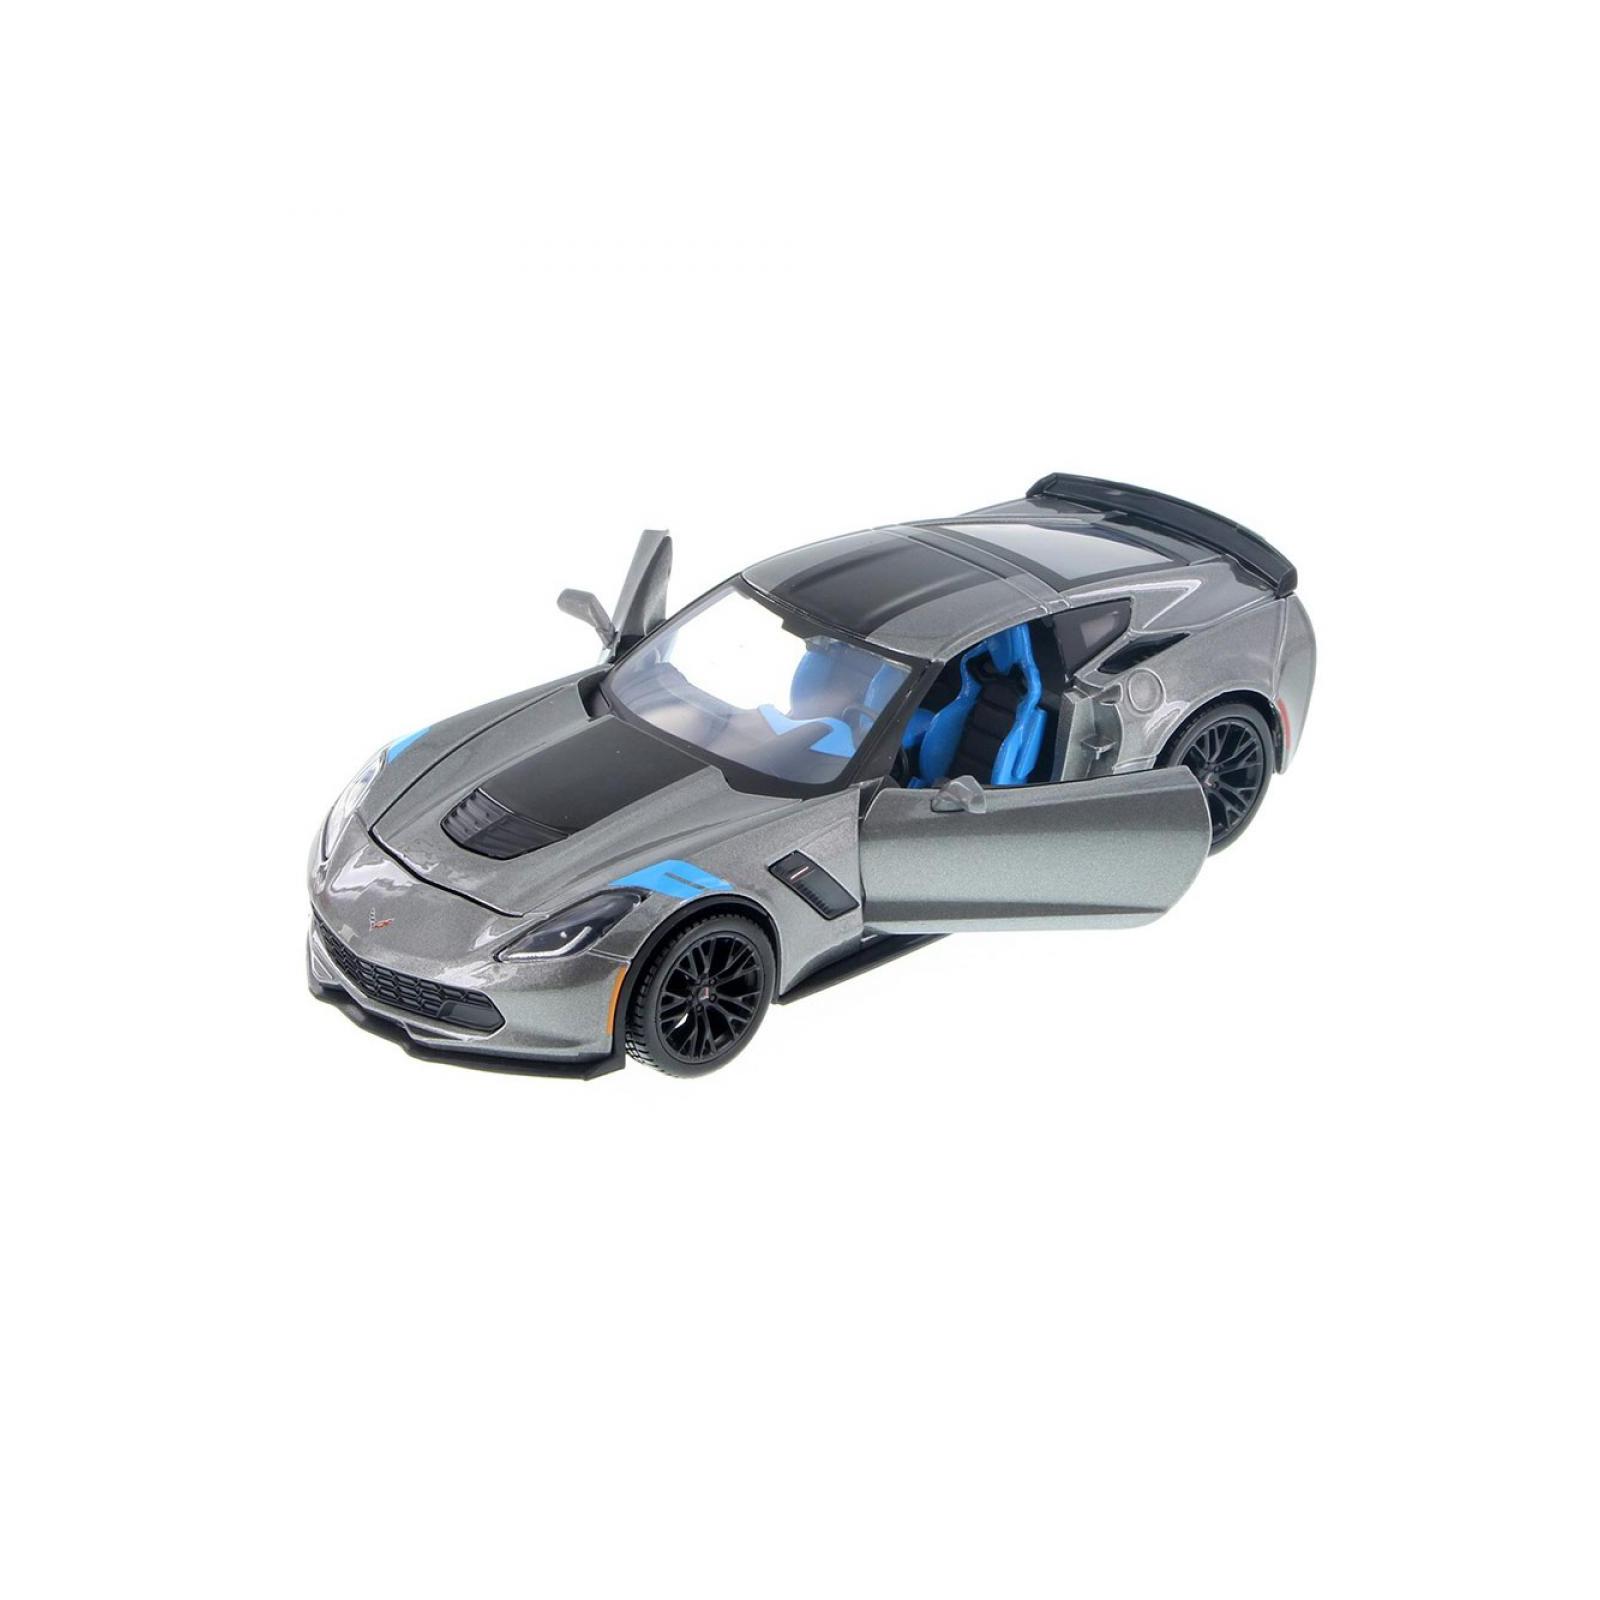 Машина Maisto Corvette Grand Sport 2017 (1:24) серый металлик (31516 met. grey) изображение 5